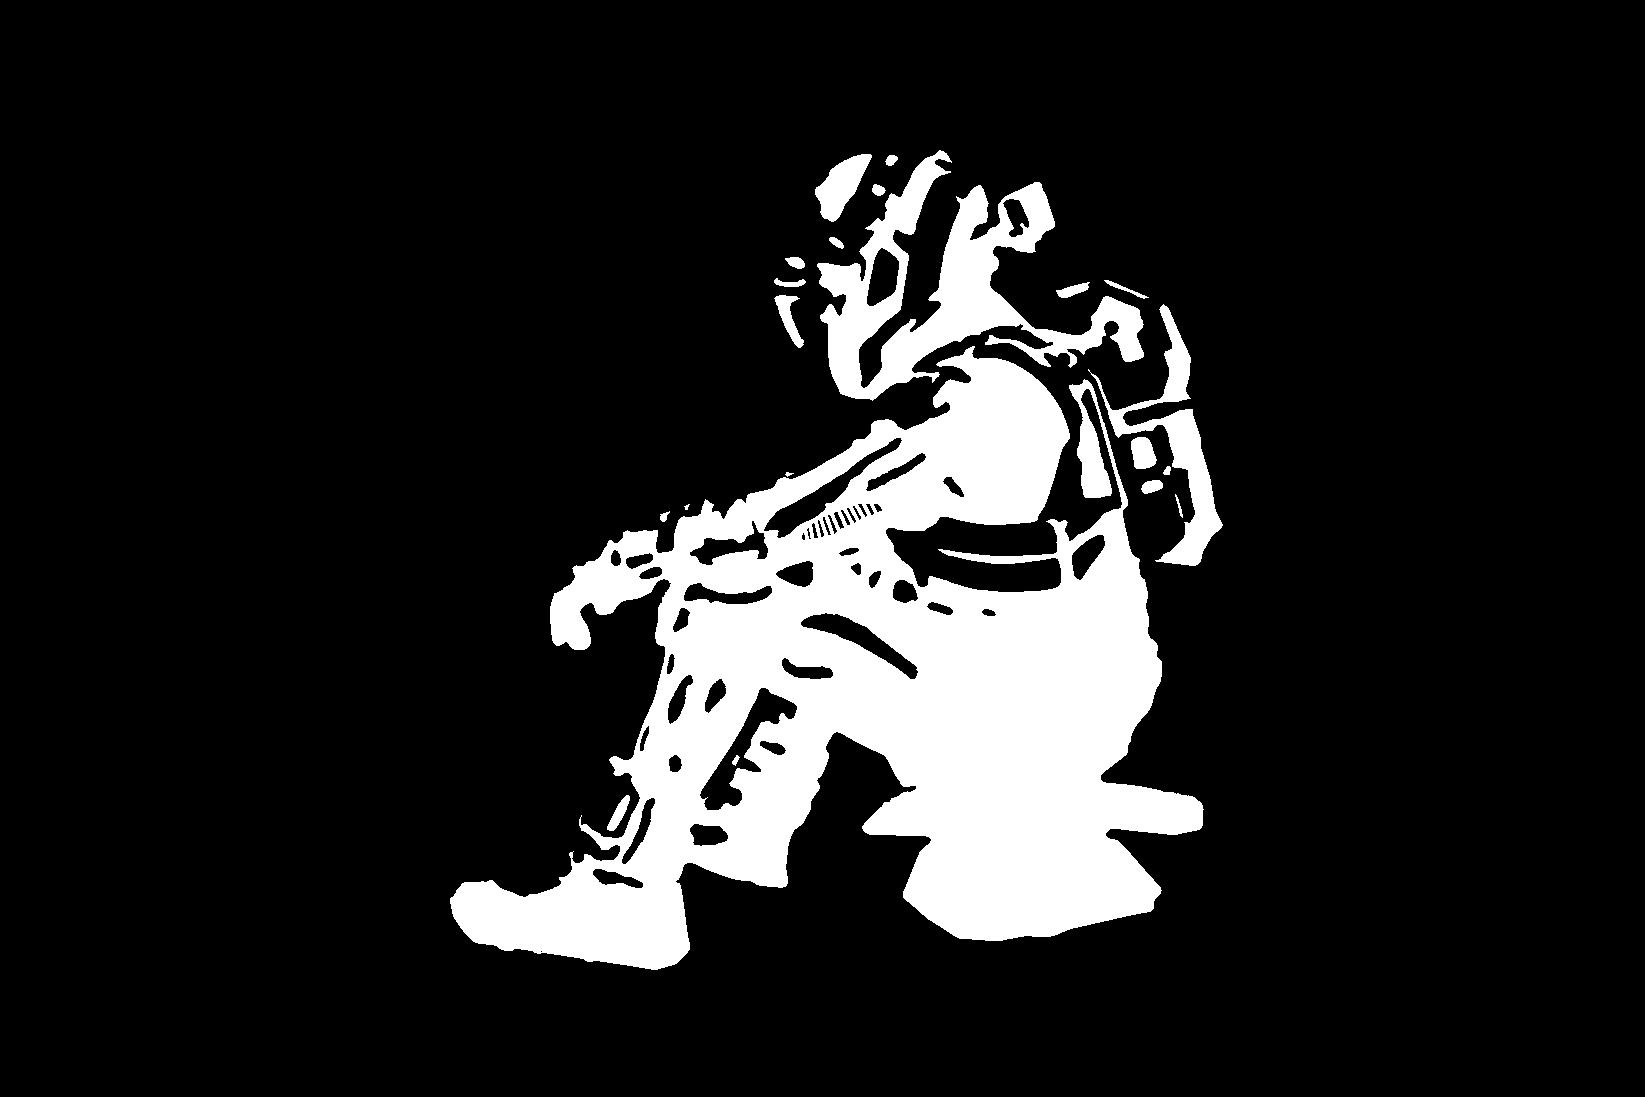 Couche de noir sans les croix de recalage. Il faut recaler l'image projetée sur la couche de blanc. Ici également on doit peindre dans la lumière